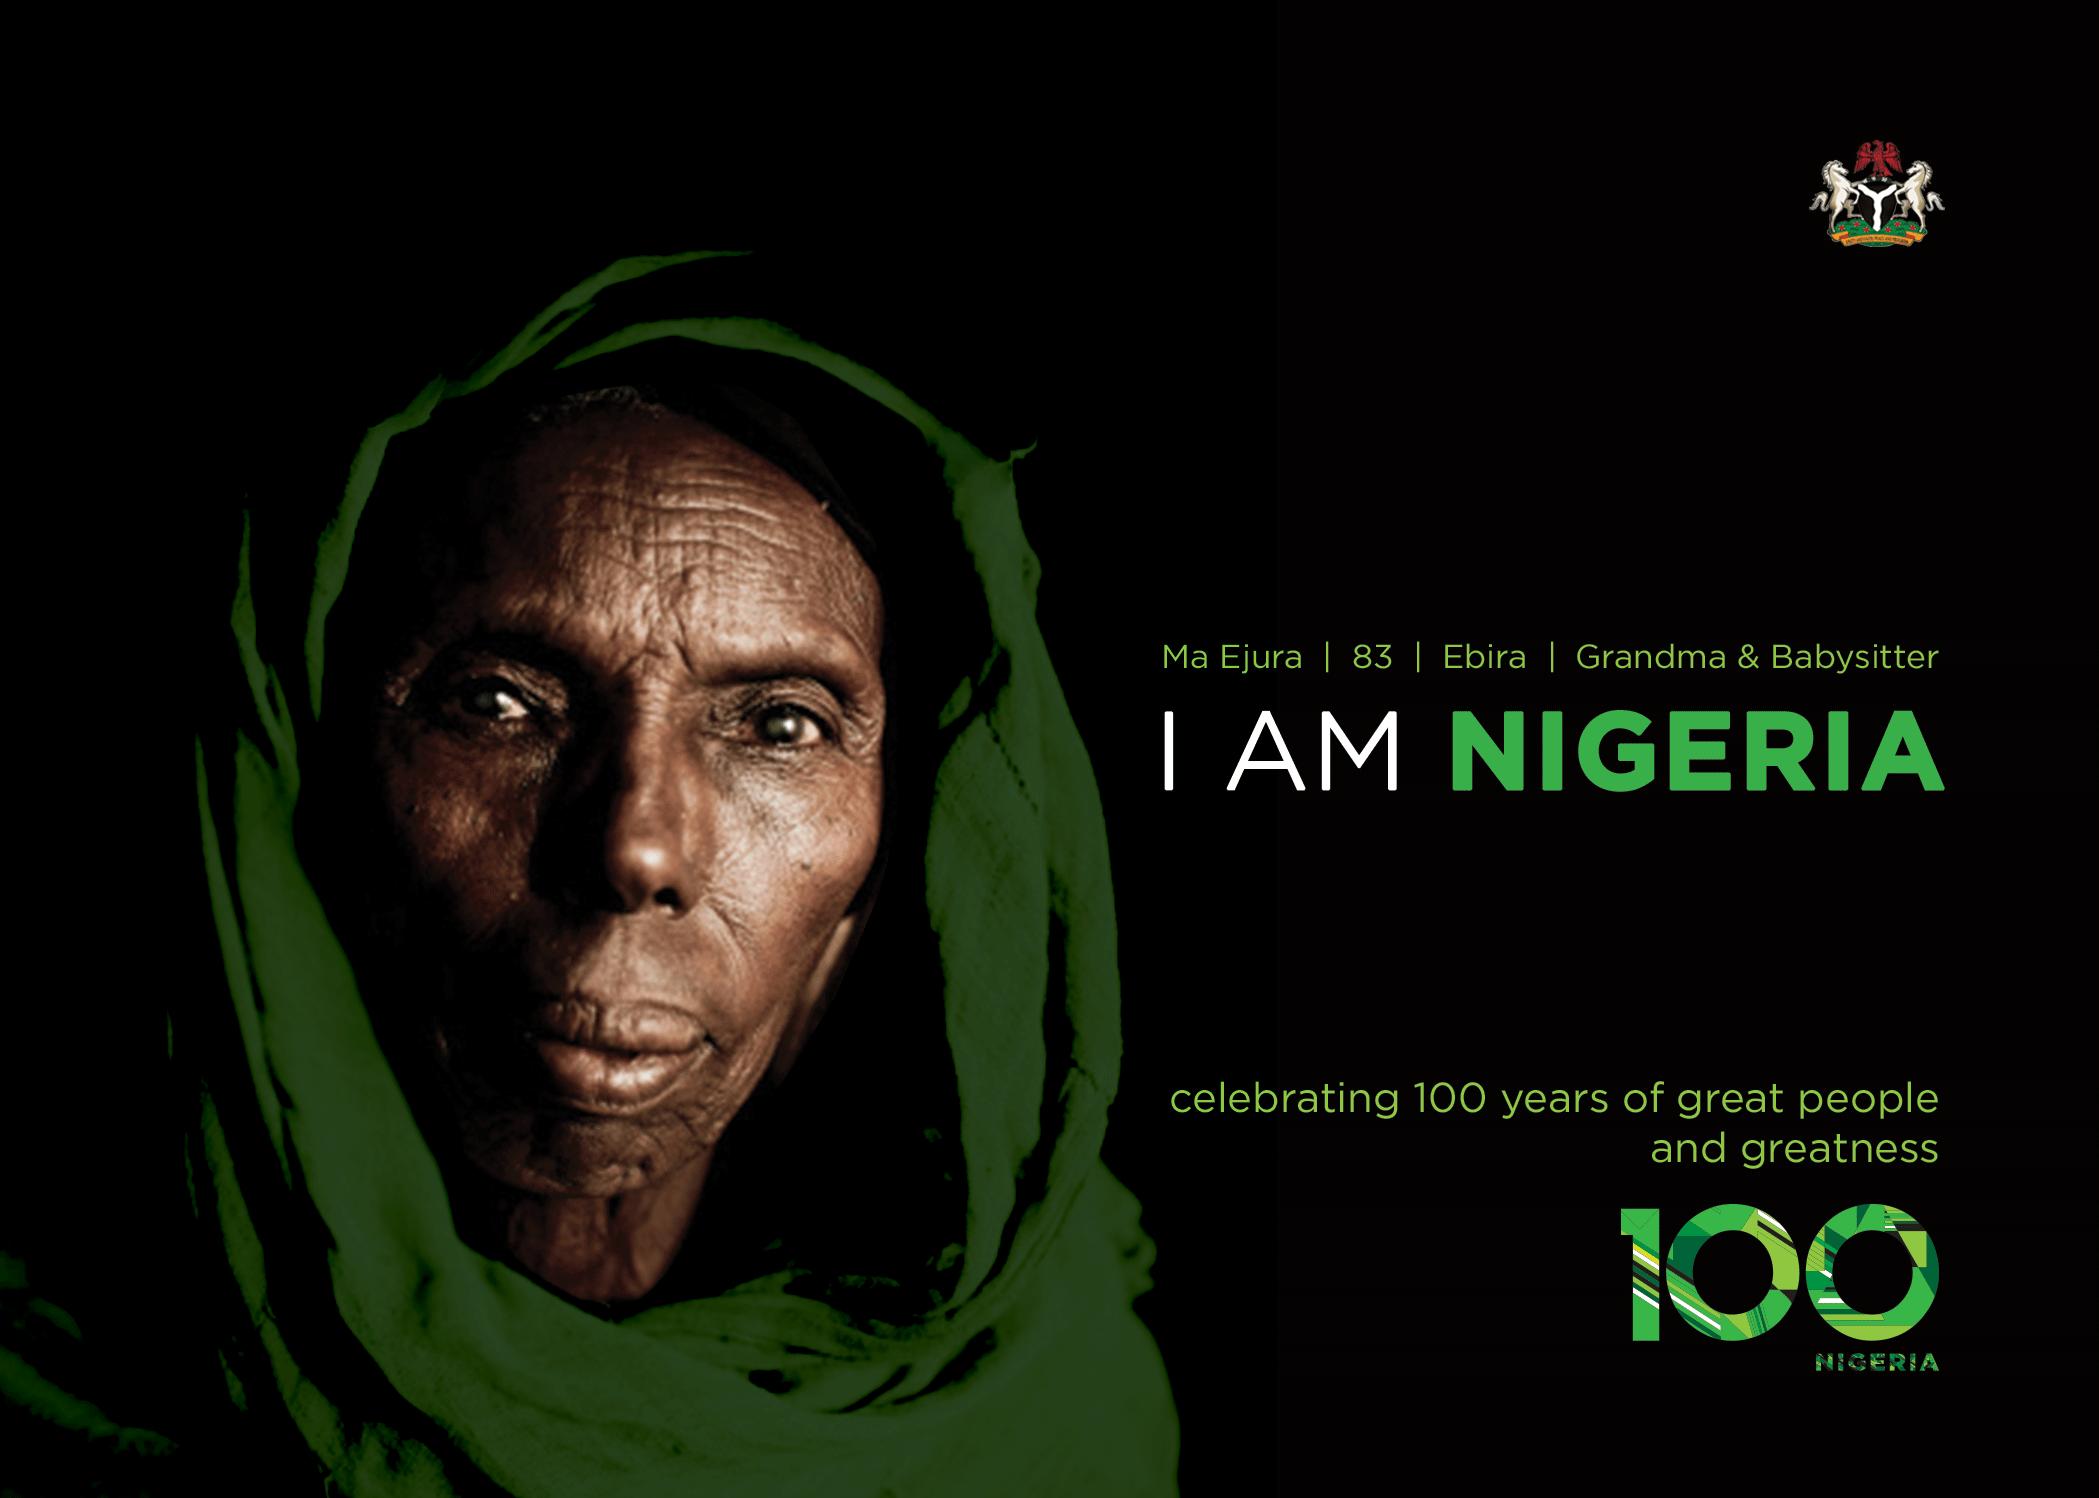 Ma Ejura I am Nigeria at 100